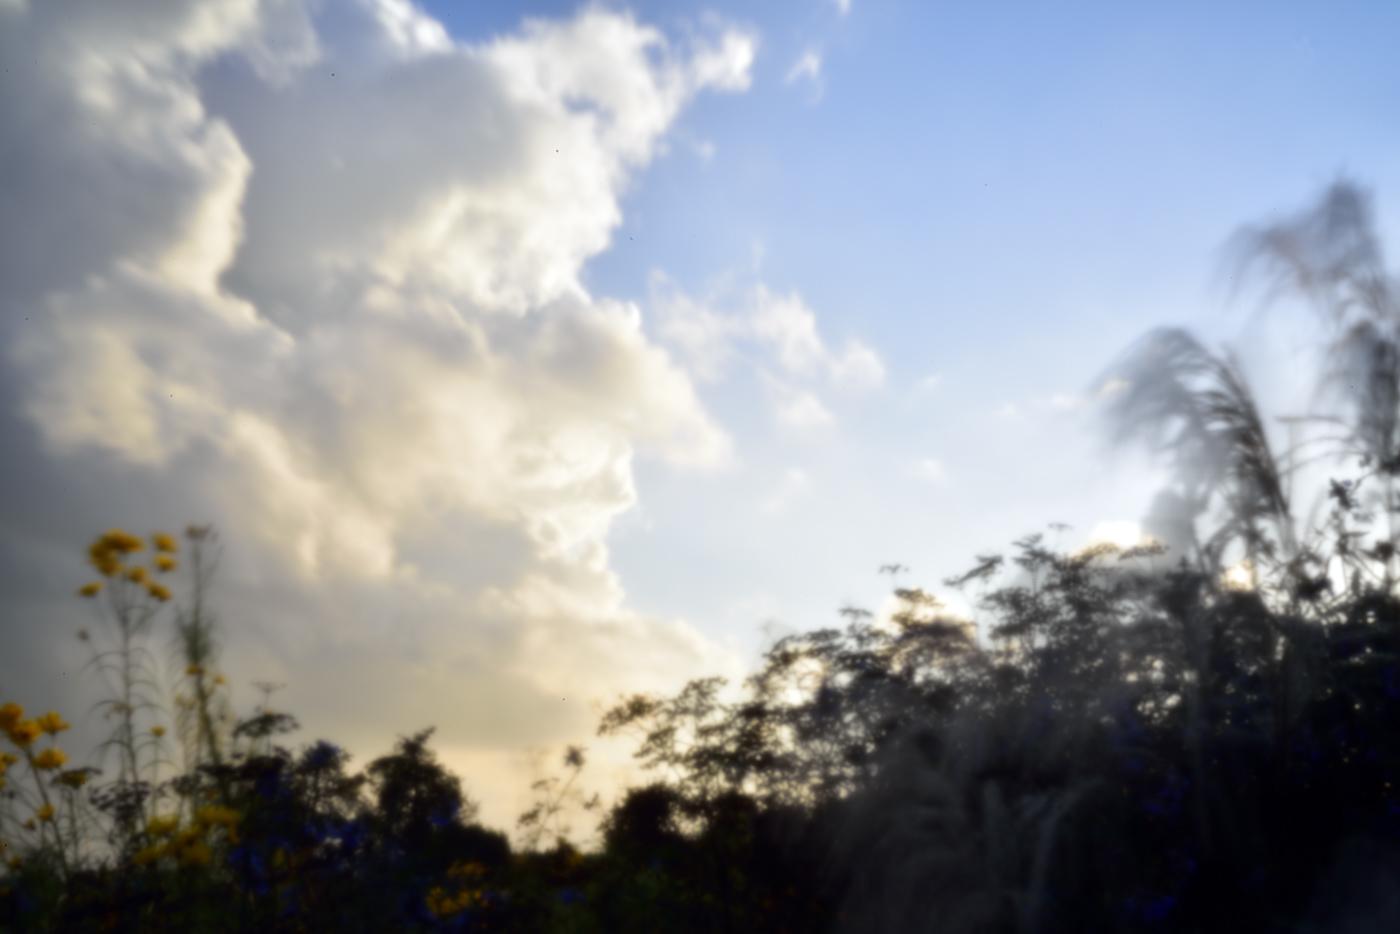 Ausgerechnet bei schnell ziehenden Wolken darf die Belichtungszeit nicht zu lang werden